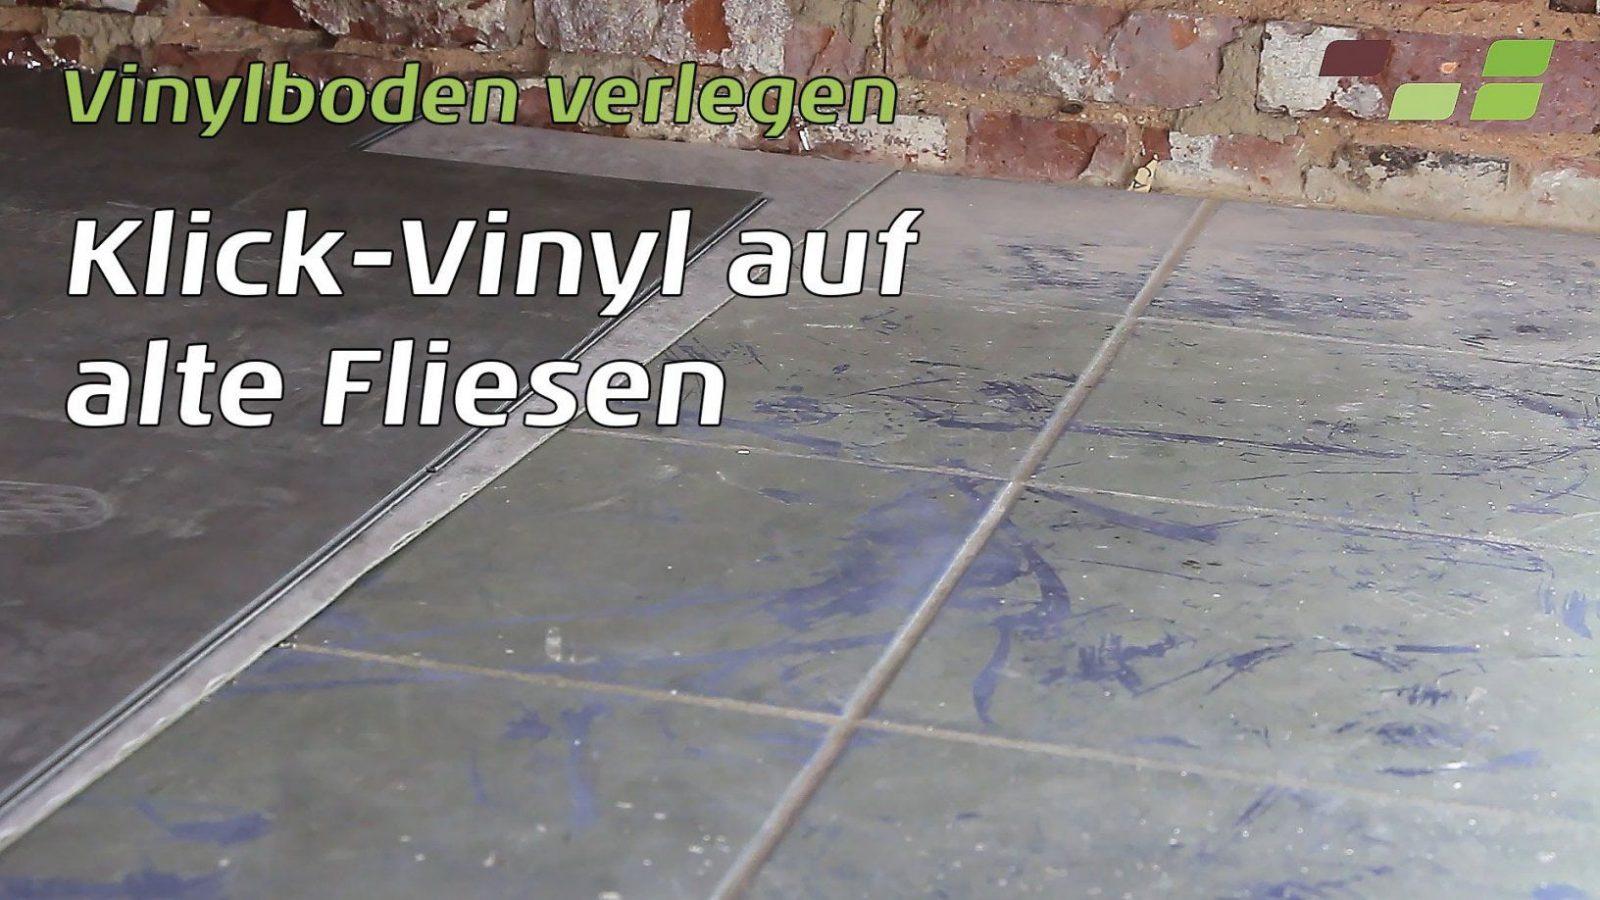 Vinylfliesen auf selbstklebender d mmung im wc verlegen youtube von vinyl fliesen selbstklebend - Vinyl fliesen selbstklebend verlegen ...